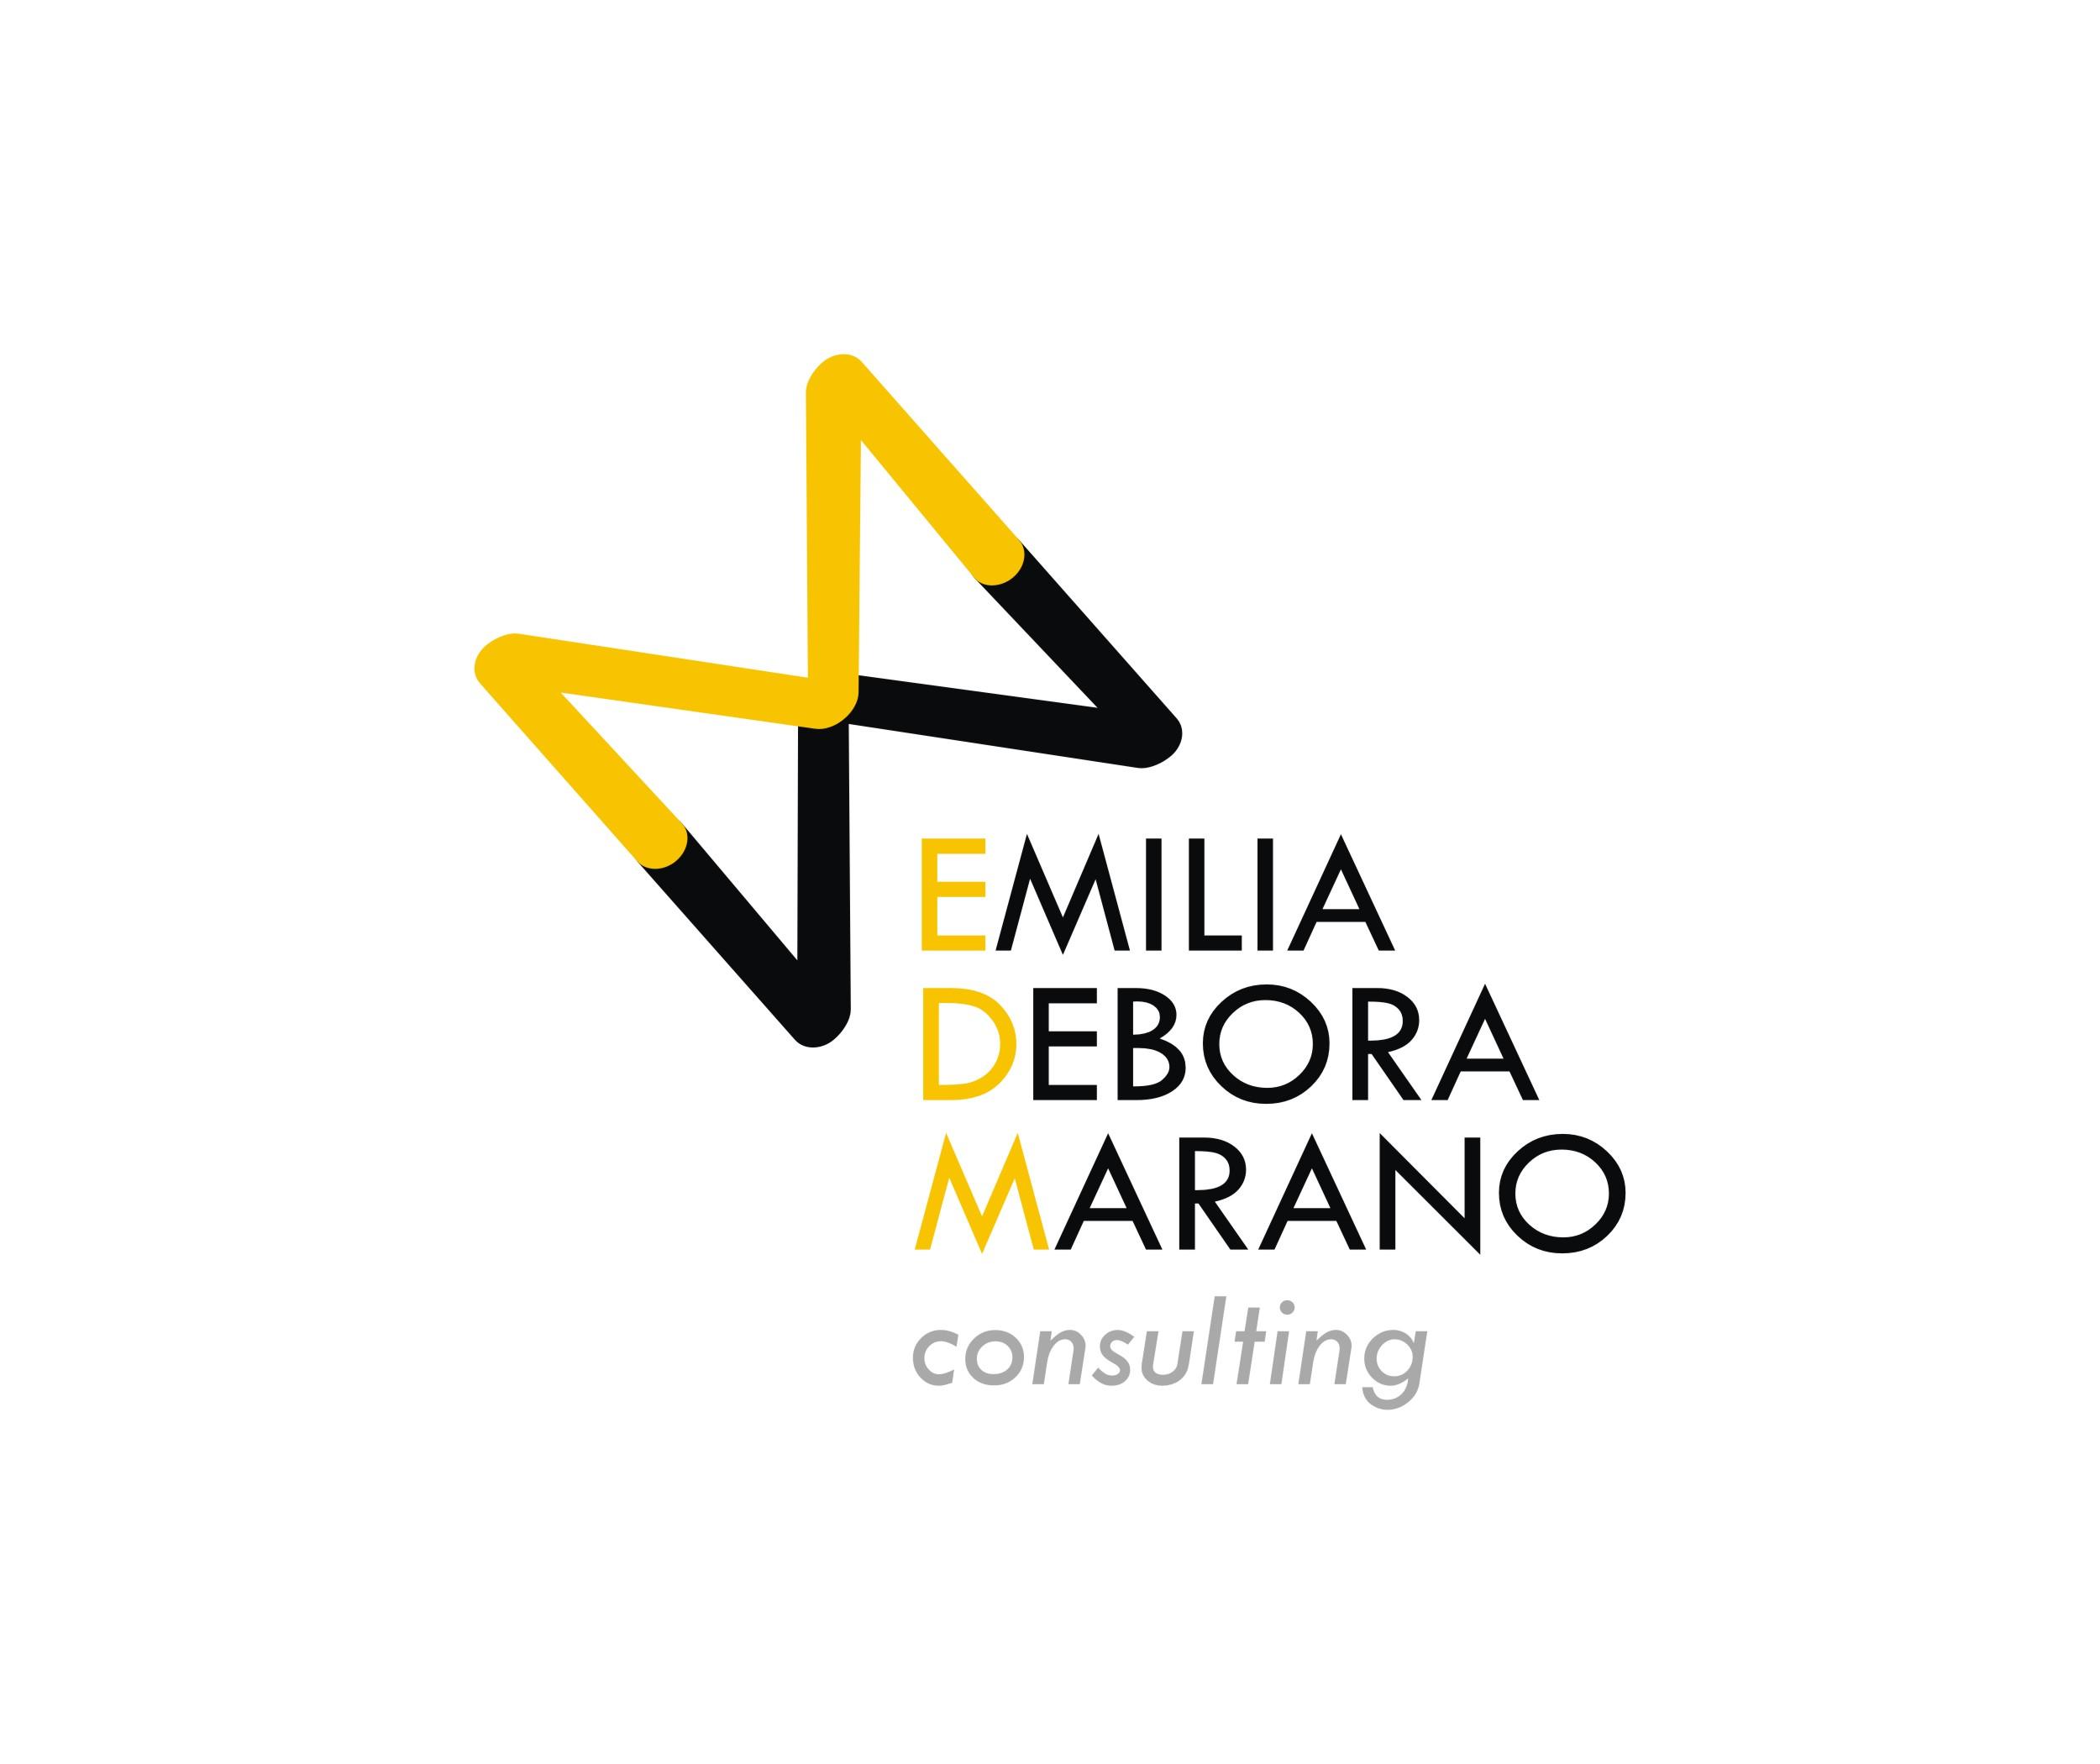 EDM Consulting